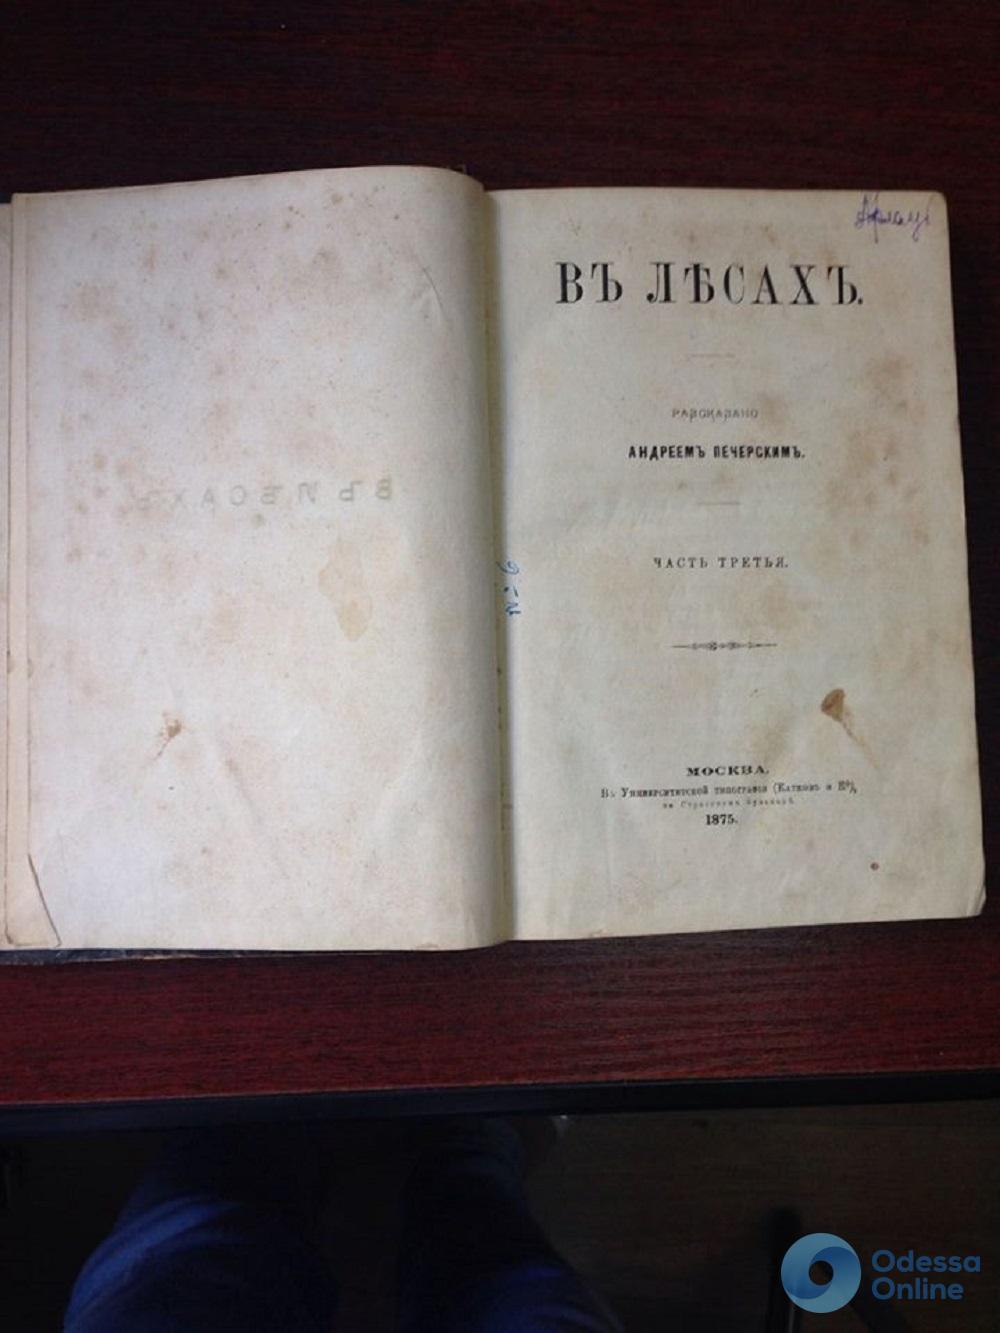 Одесская область: россиянка пыталась незаконно вывезти старинные книги